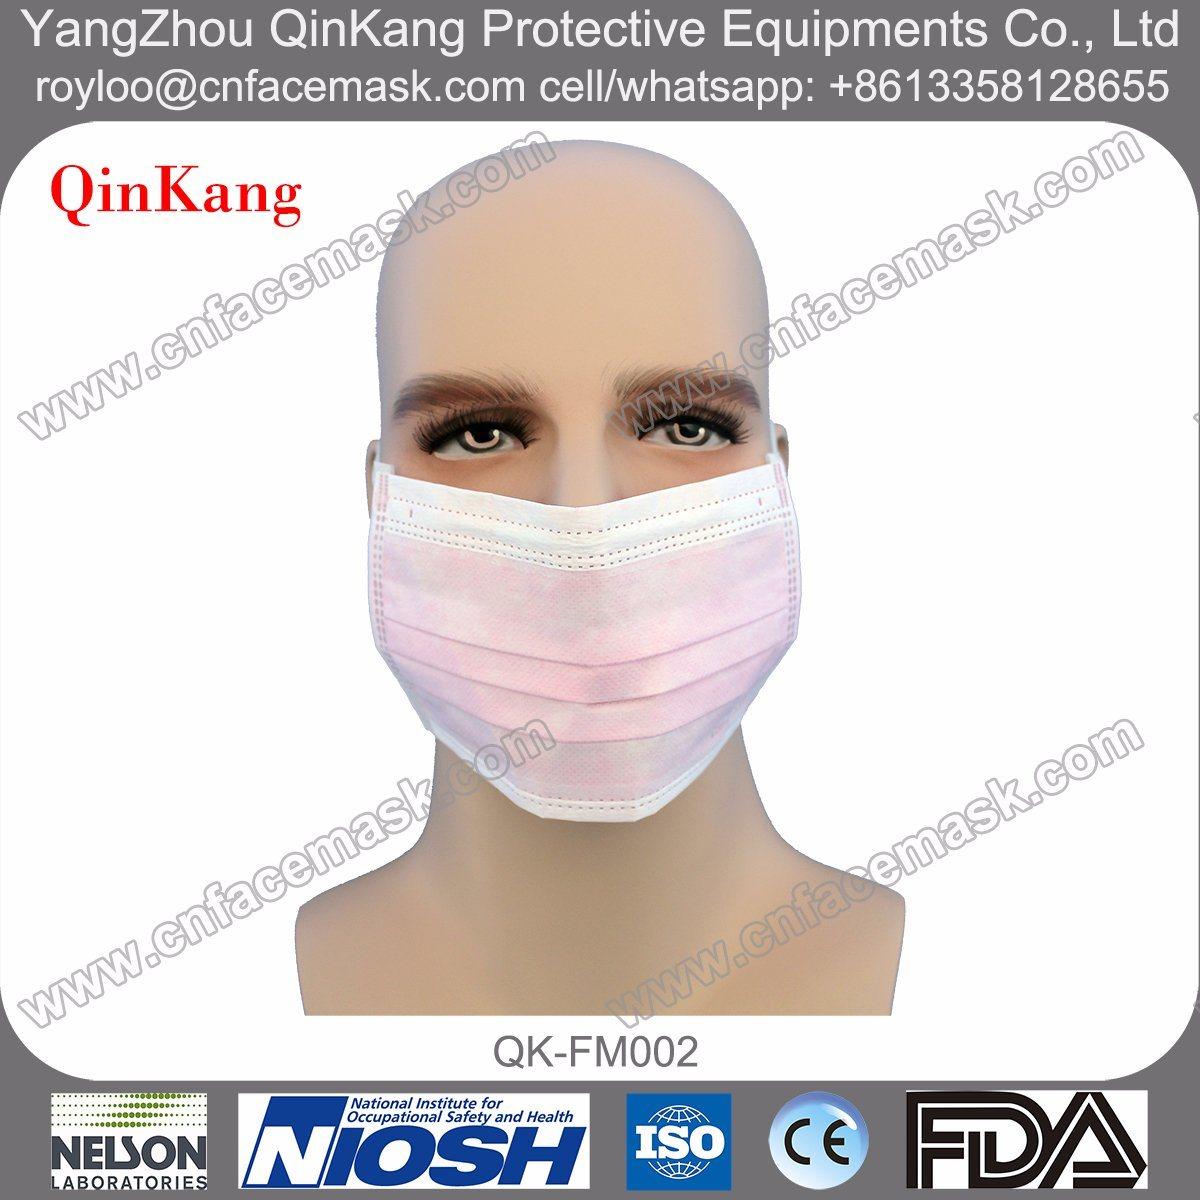 Disposable Particulate Respirator Non Woven Medical Surgical Face Mask